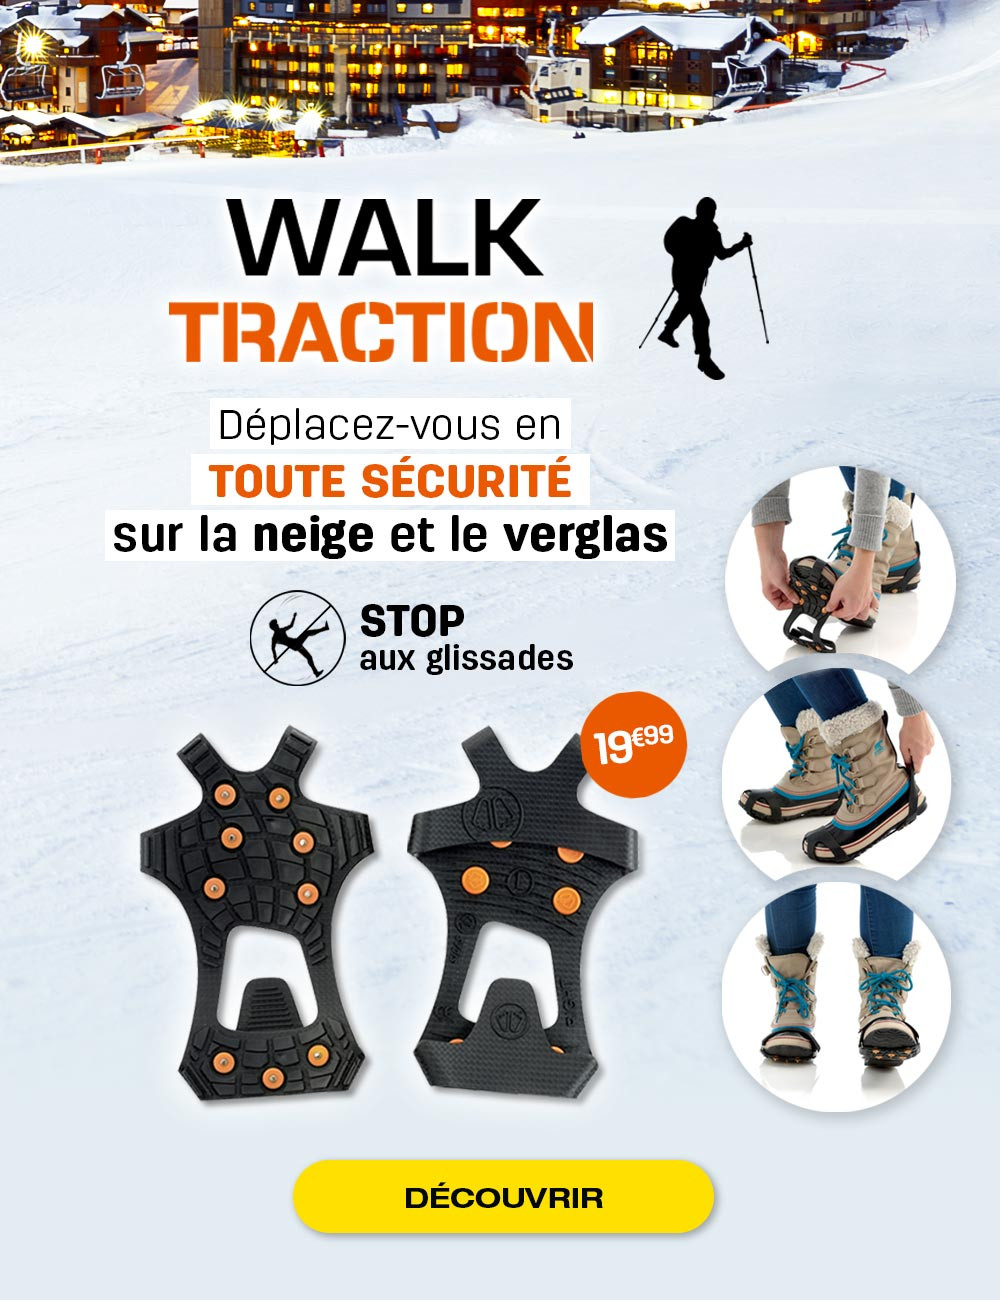 Stop aux glissades lors de vos balades en montagne et dans la neige !